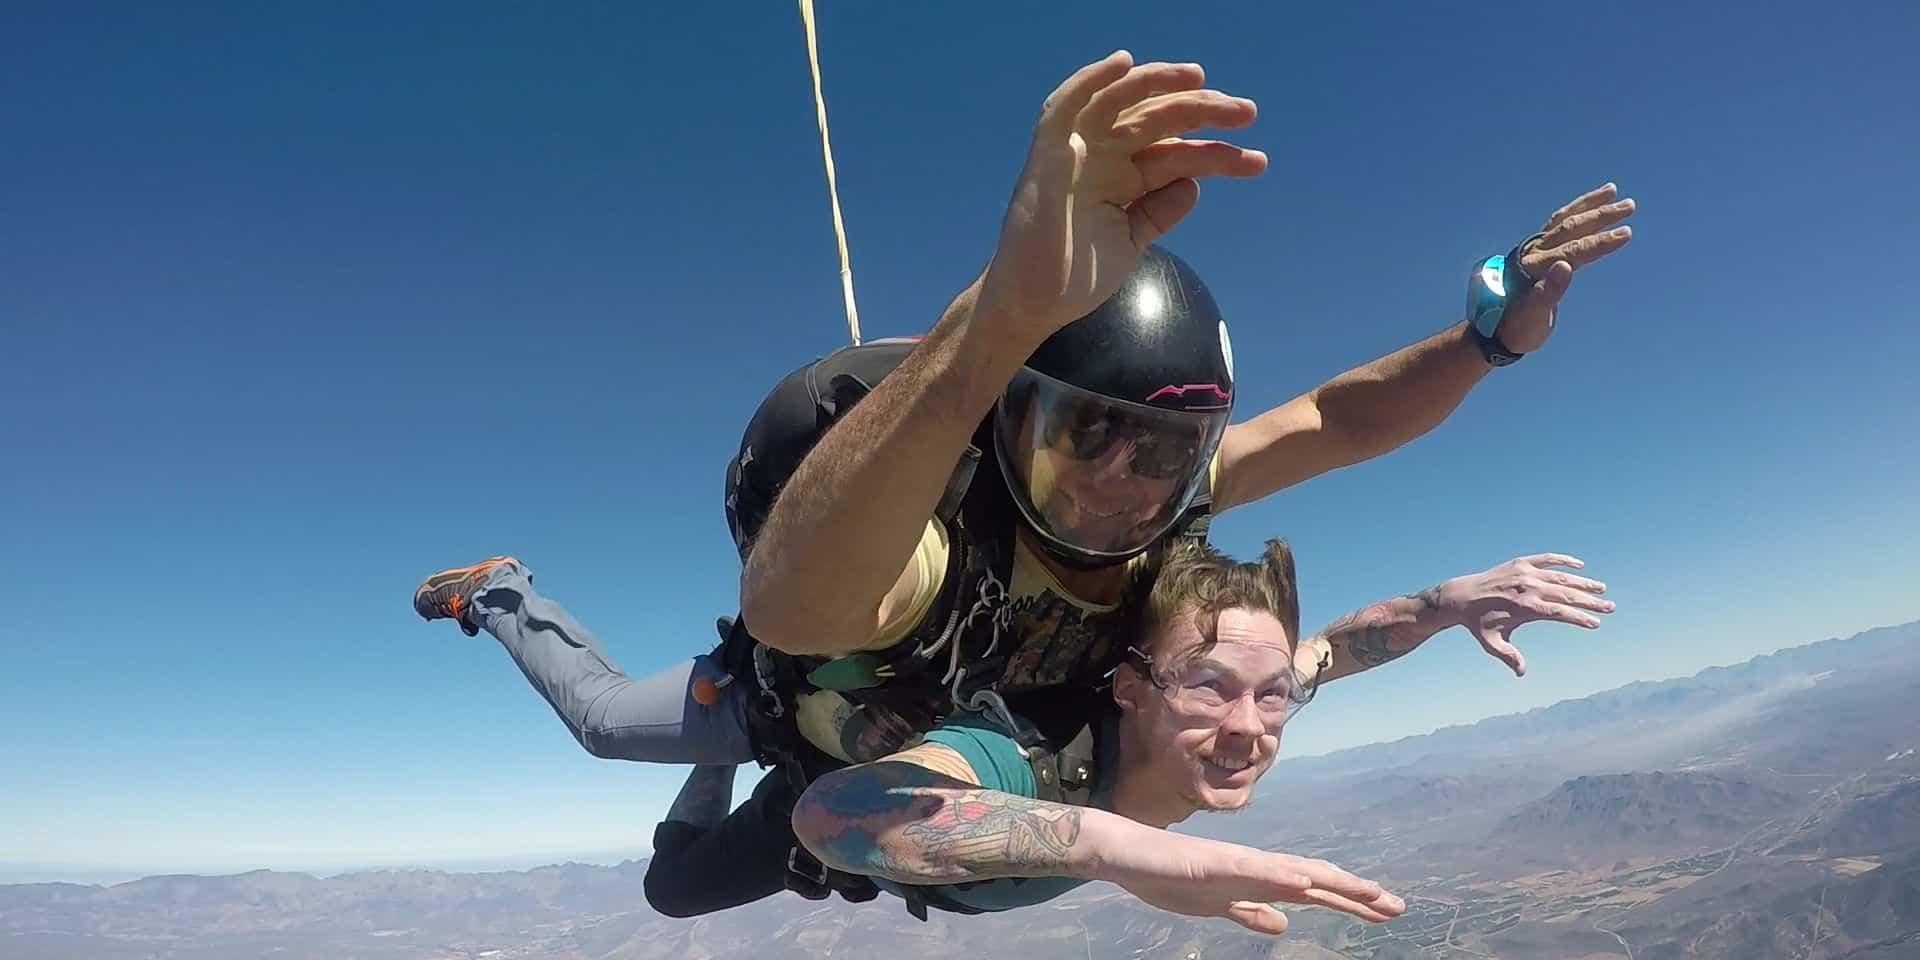 Skydive Robertson Tandem Jump